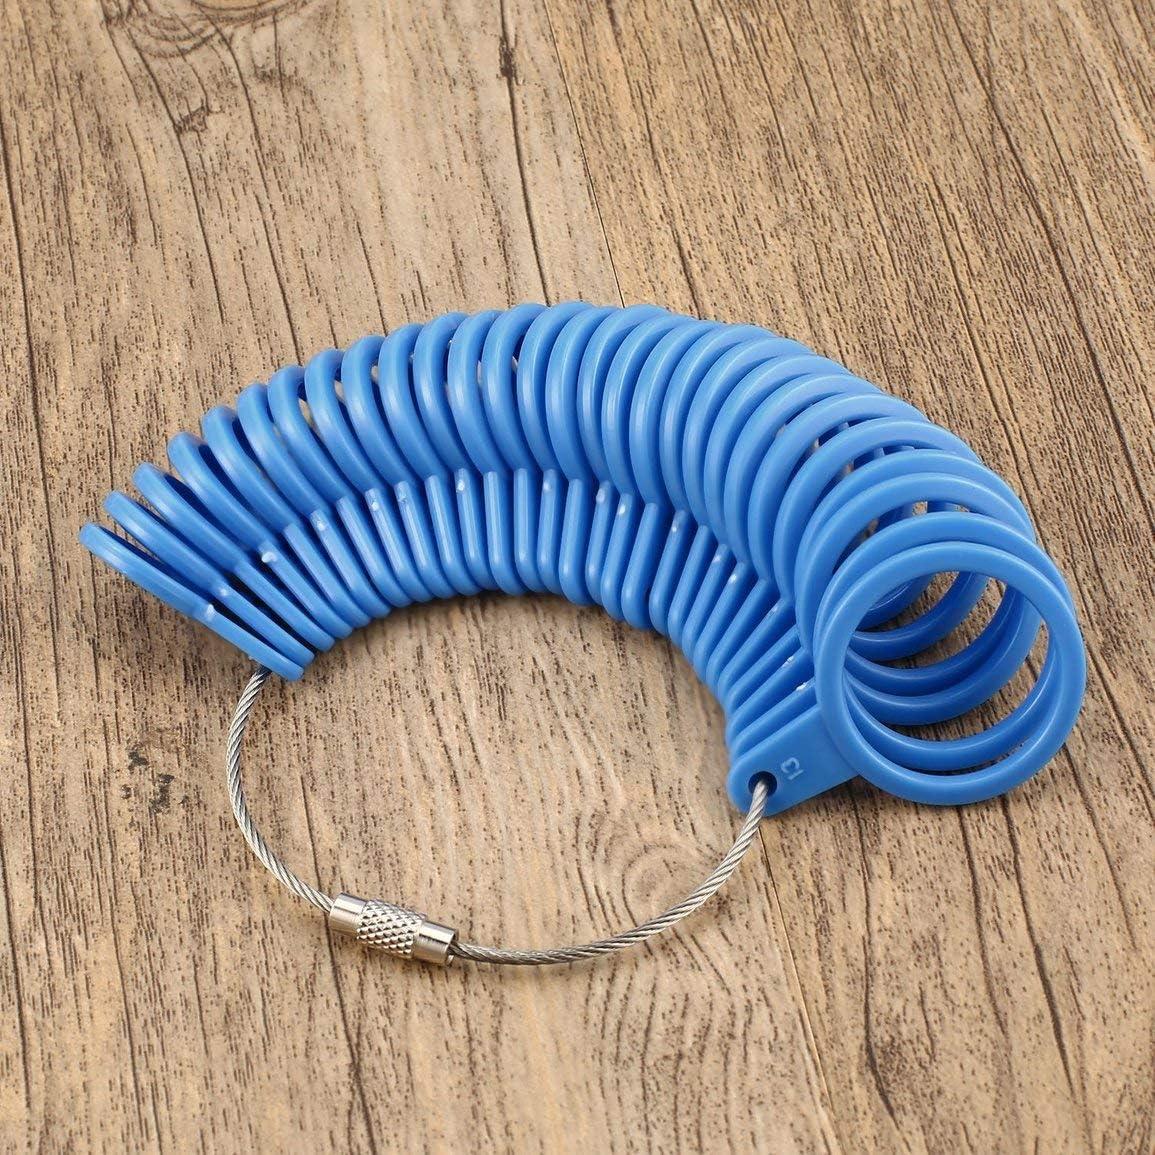 Couleur: Bleu Garciaria Outil de Mesure de Bijoux Outil de Mesure de Base pour Bijoux Taille adapt/ée /à la Taille US 0 /à 13 Taille du bijoutier Boucle